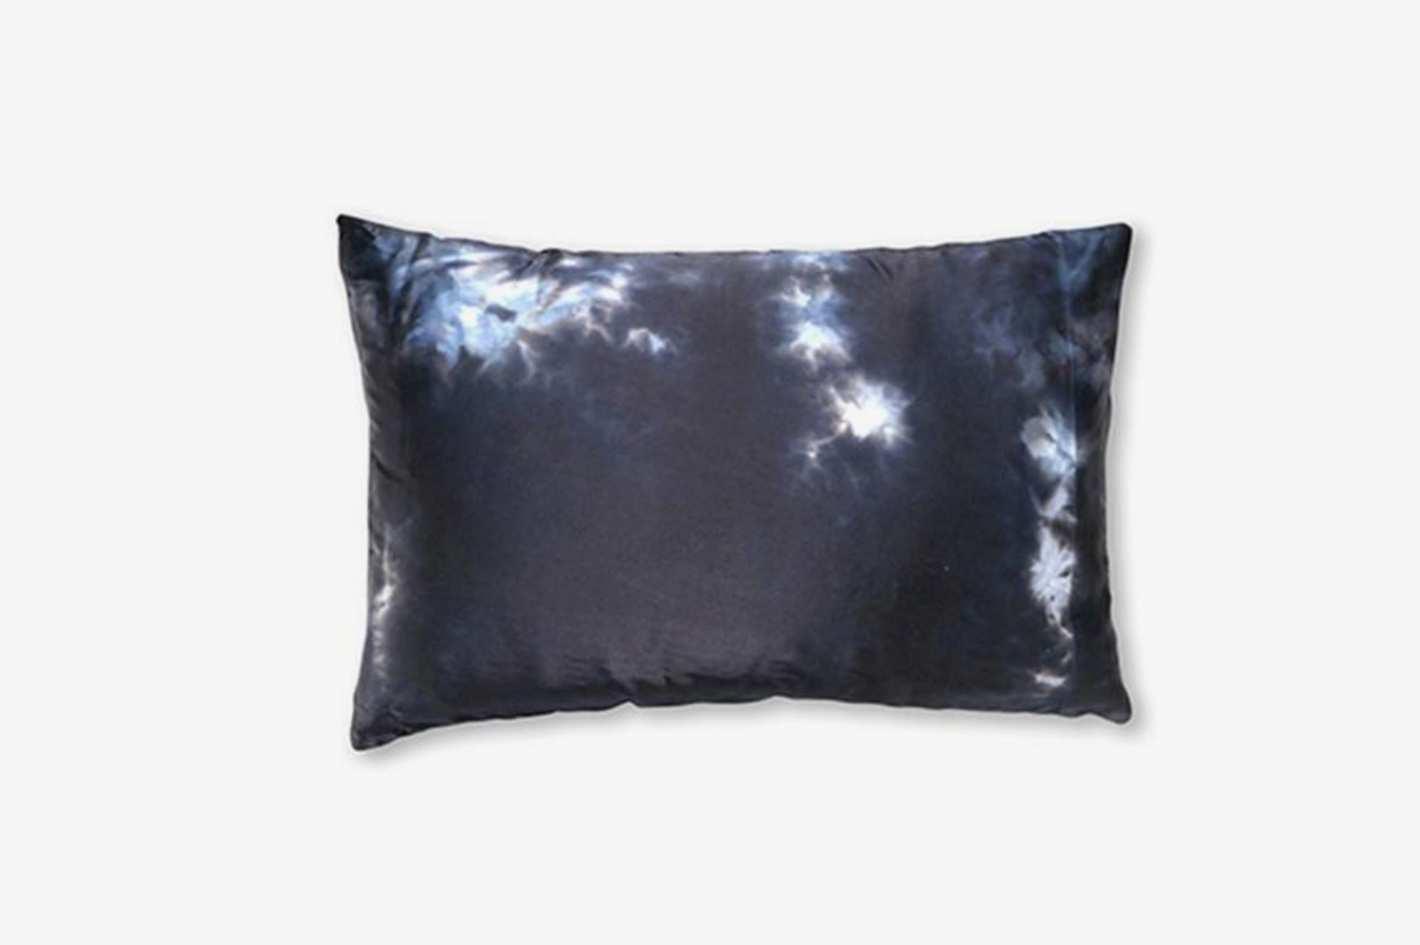 Upstate Silk Pillowcase in Midnight